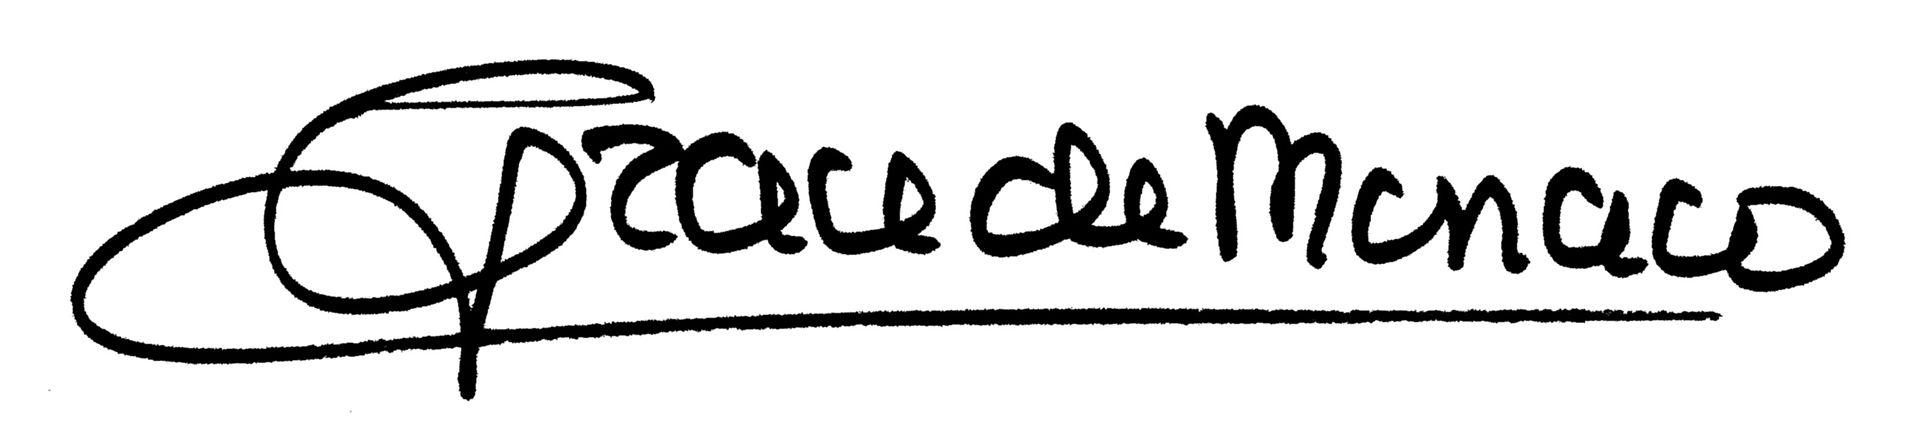 Grace Kelly Signature.jpg